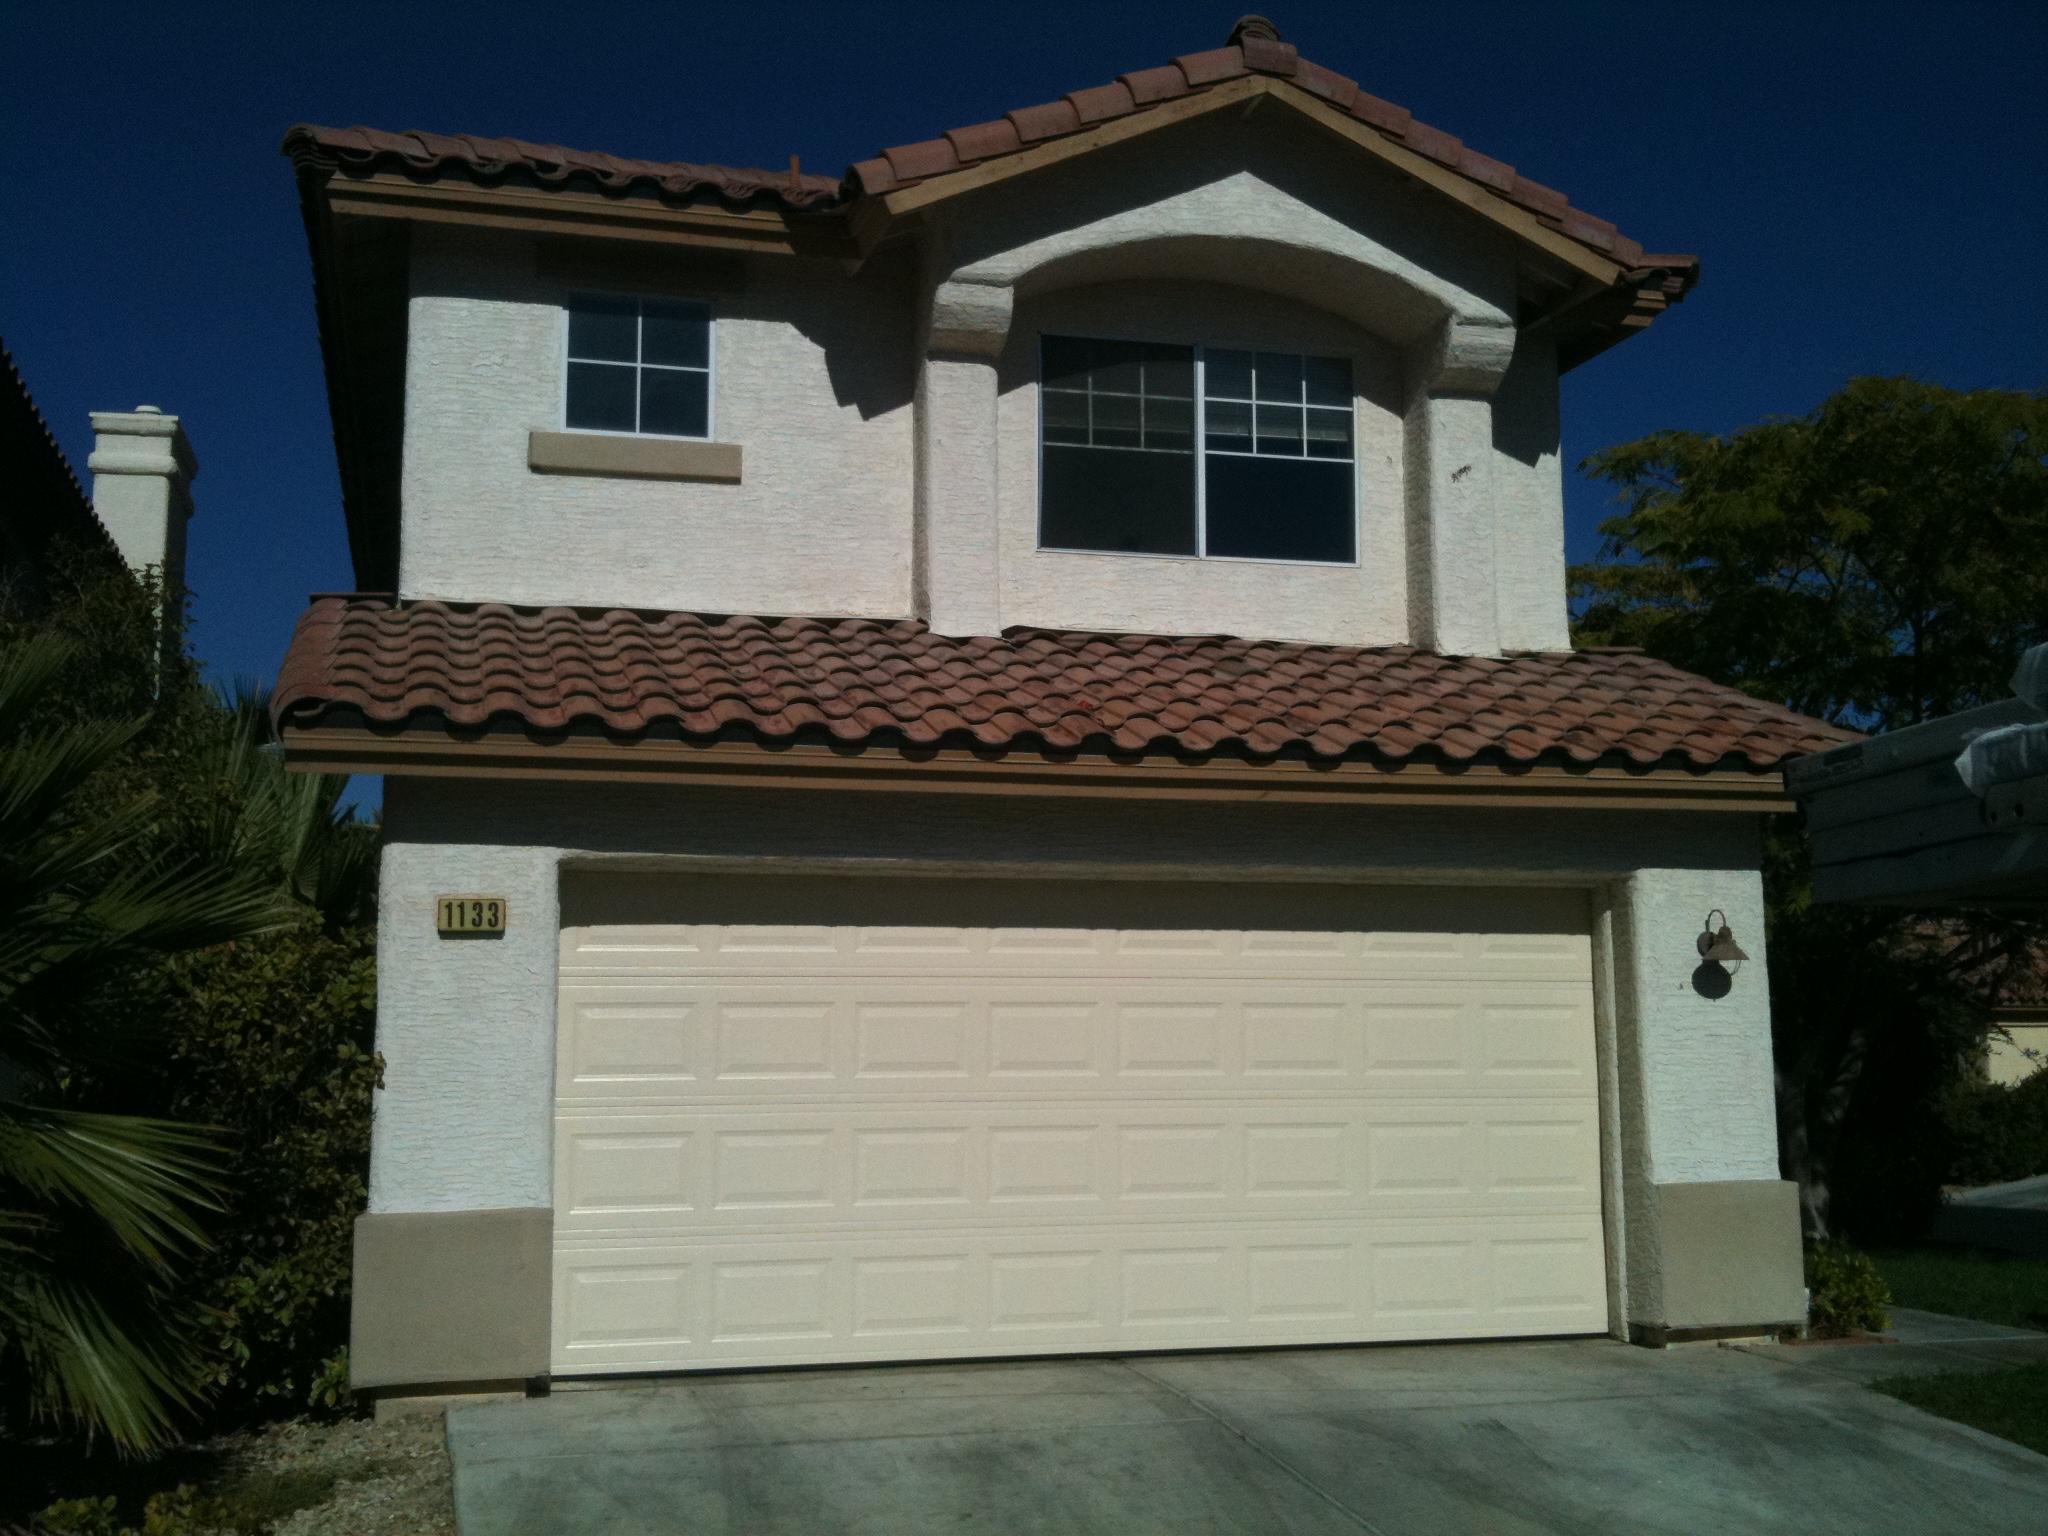 K B Garage Door Repair: Garage Door Repair Services In Las Vegas